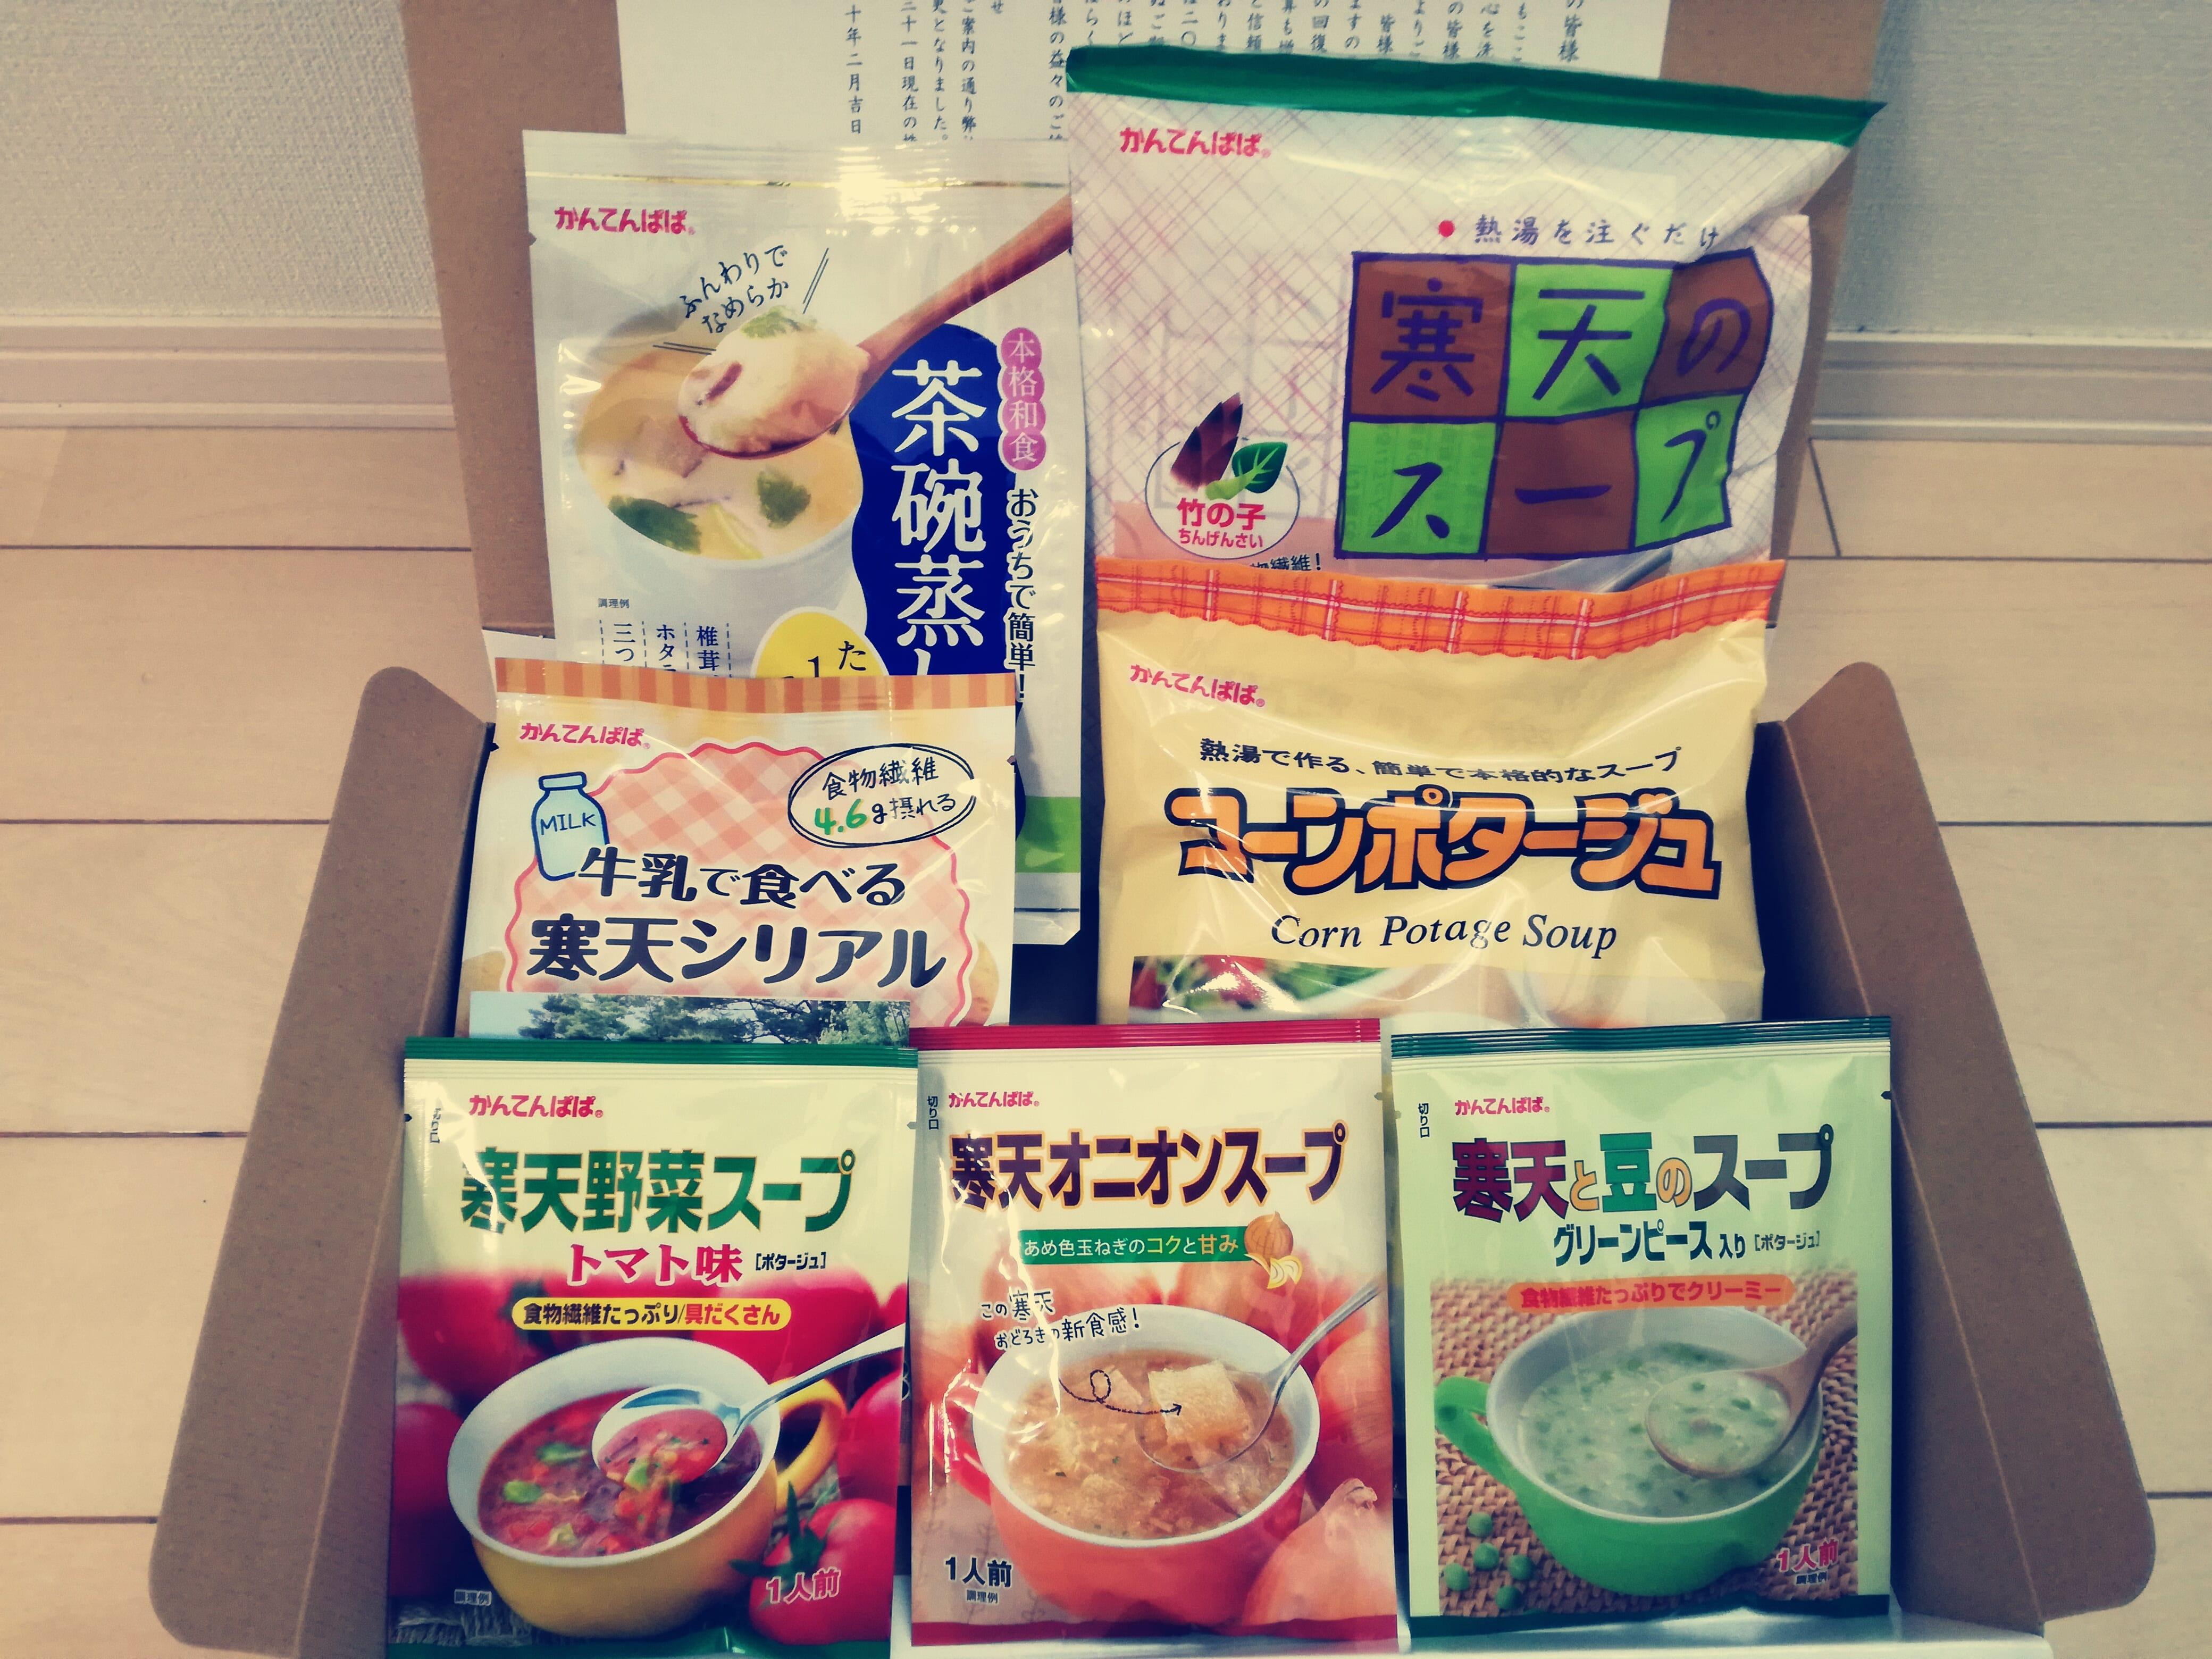 暴落時の癒し。ヤマウラ(1780)から株主優待のスープ&ポタージュセットが届きました!